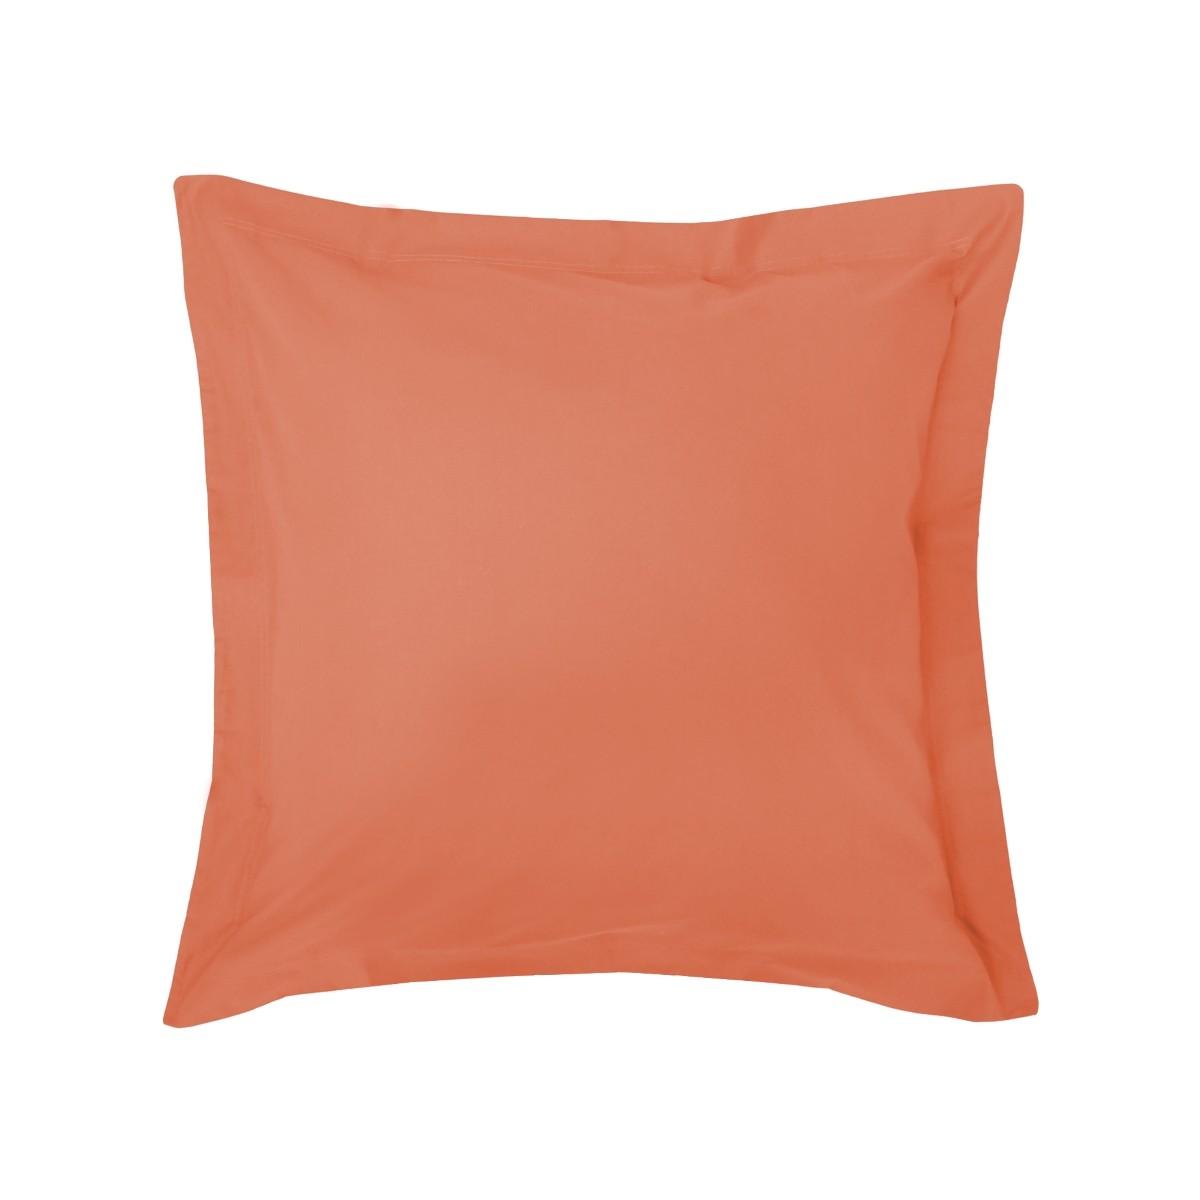 Pillowcase NUDE Cotton, LAMEIRINHO